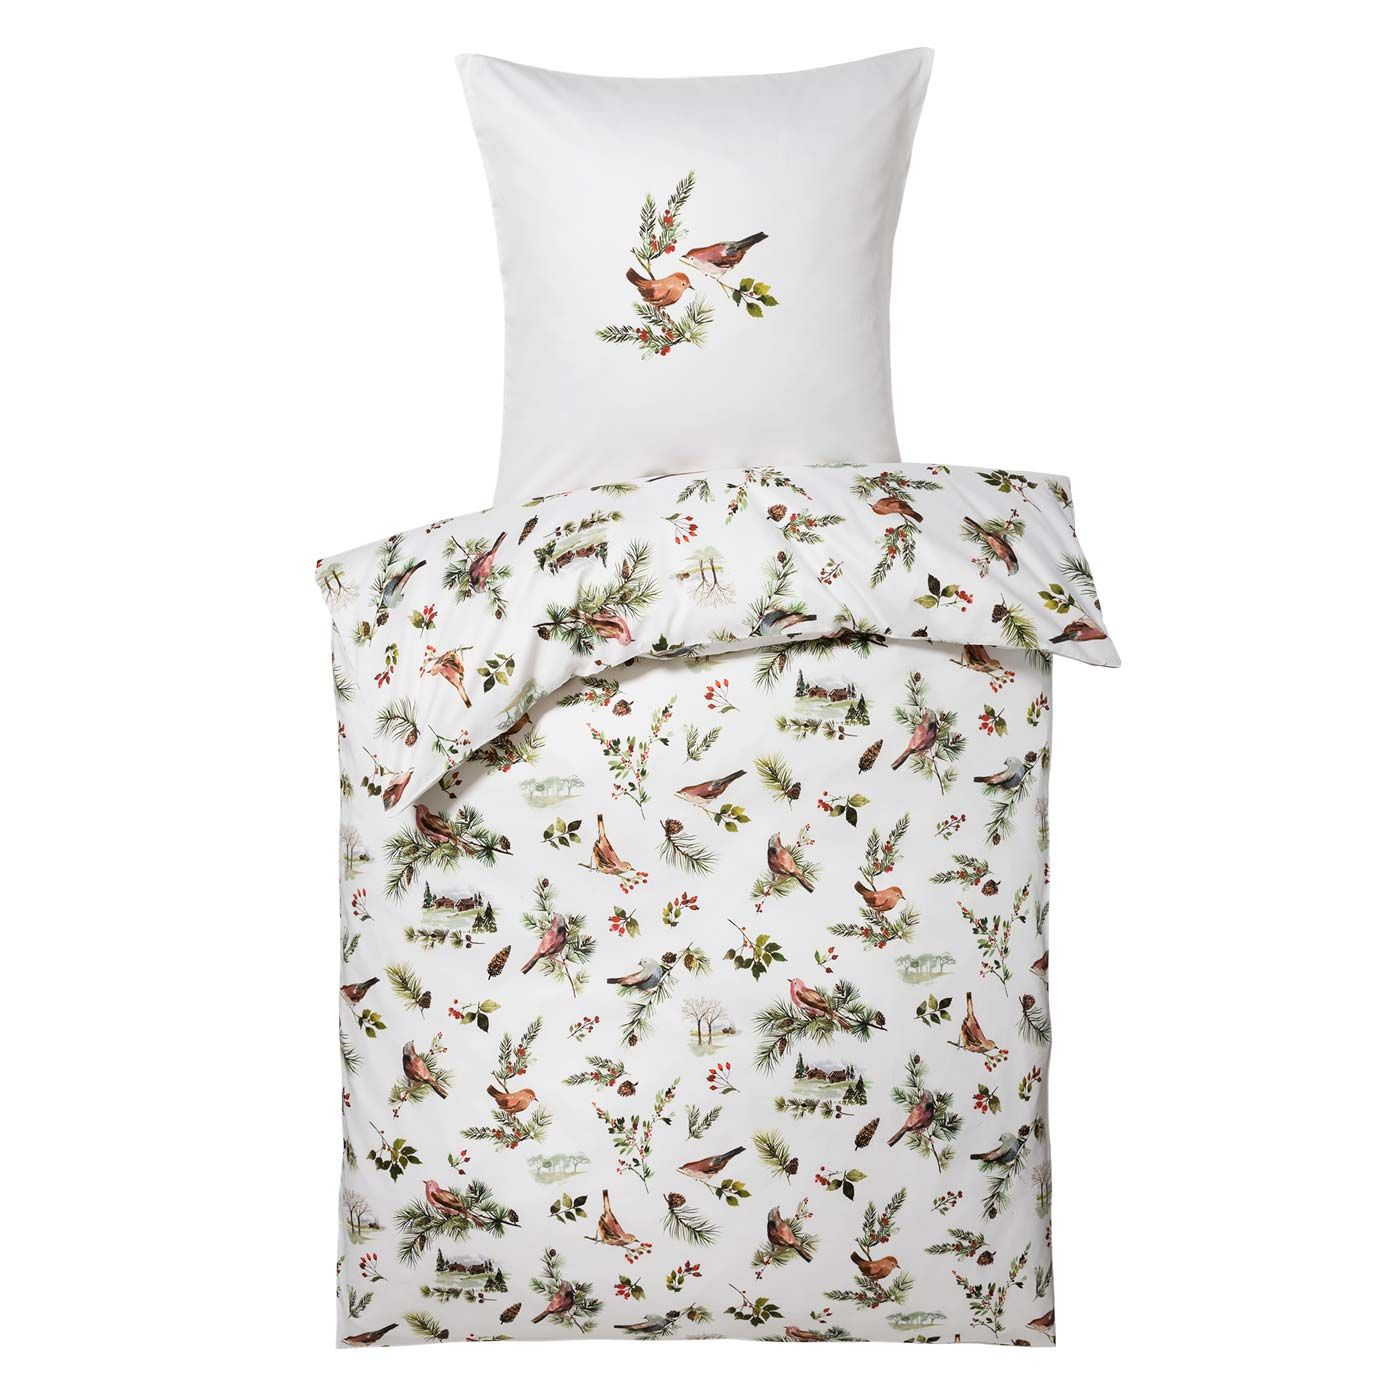 Bettwasche Garnitur Valle Bettwasche Hochwertige Bettwasche Mako Satin